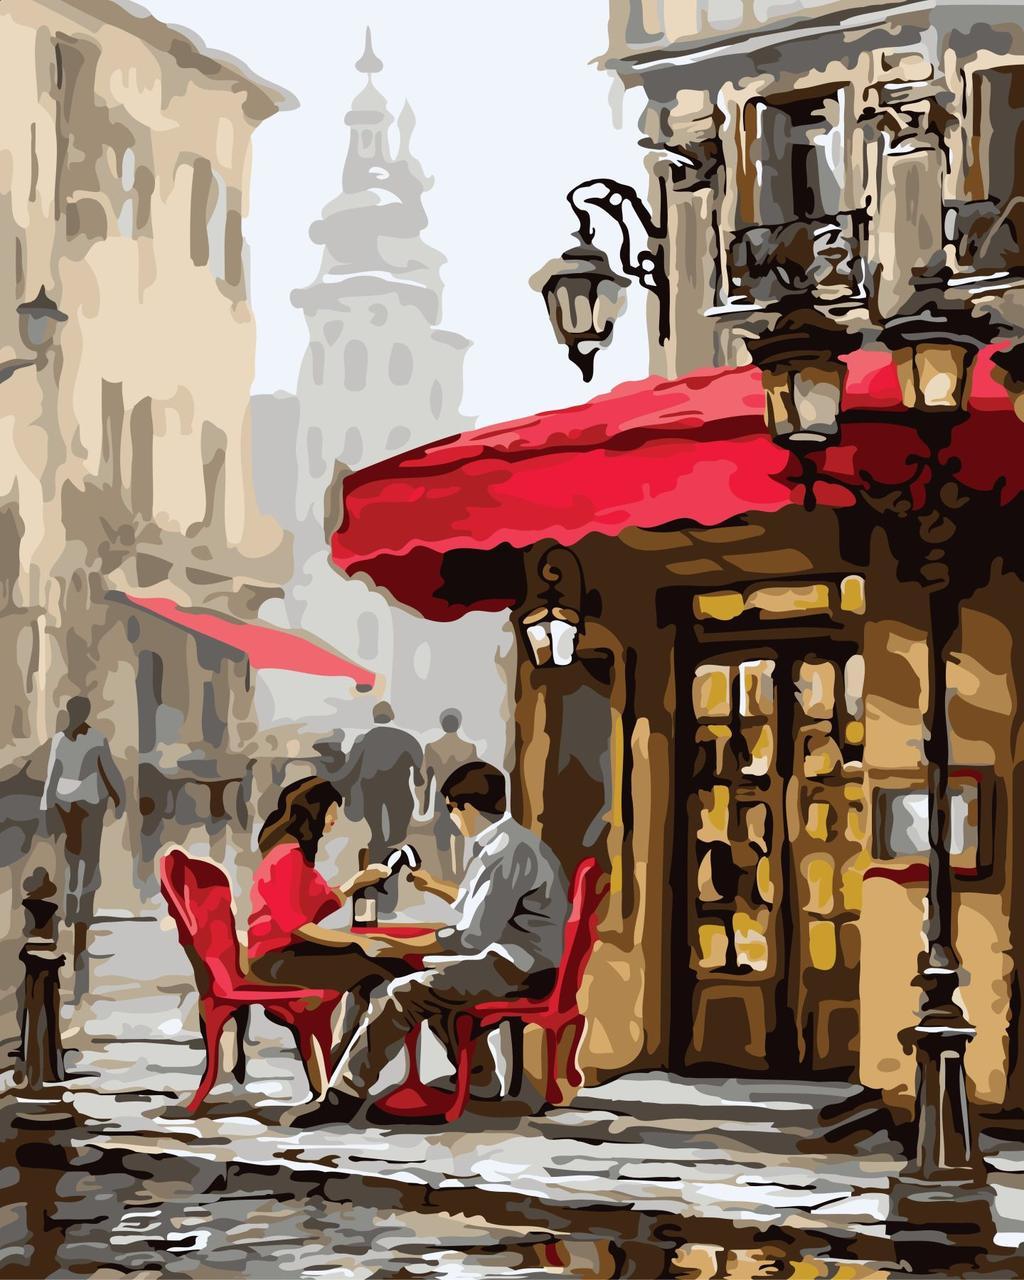 КНО2144 Раскраска по номерам Свидание в кафе, В картонной коробке